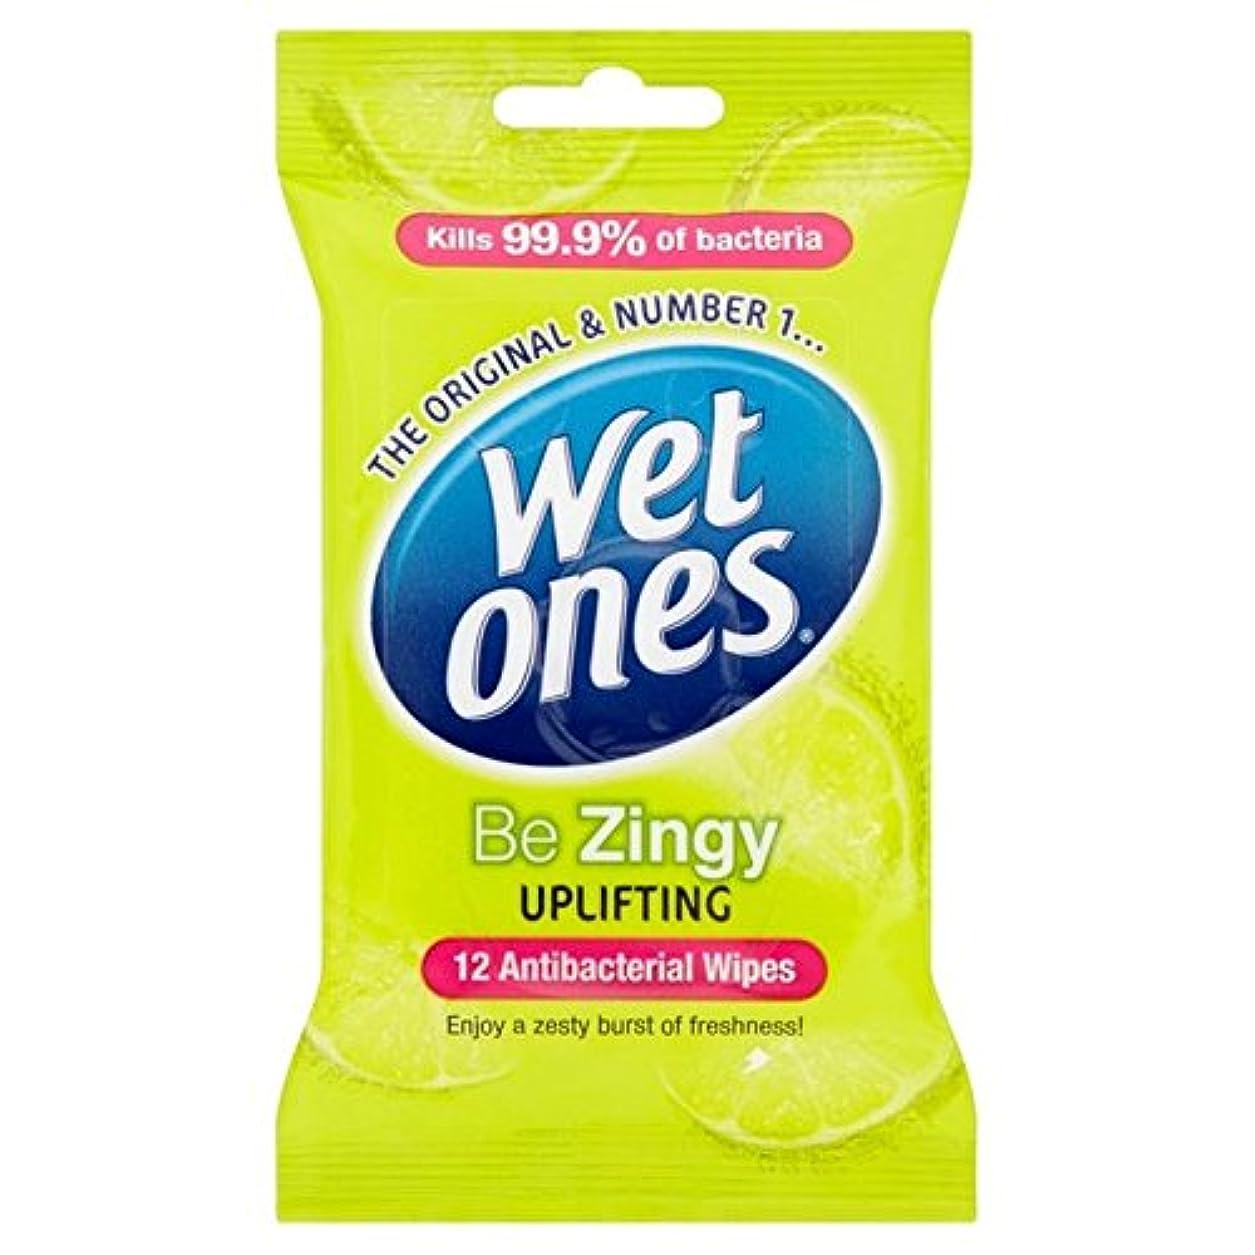 レンド治安判事コンペWet Ones Cleansing Anti Bacterial Wipes 12 per pack (Pack of 6) - 抗バクテリアをクレンジング湿ったものはパックごとに12ワイプ x6 [並行輸入品]